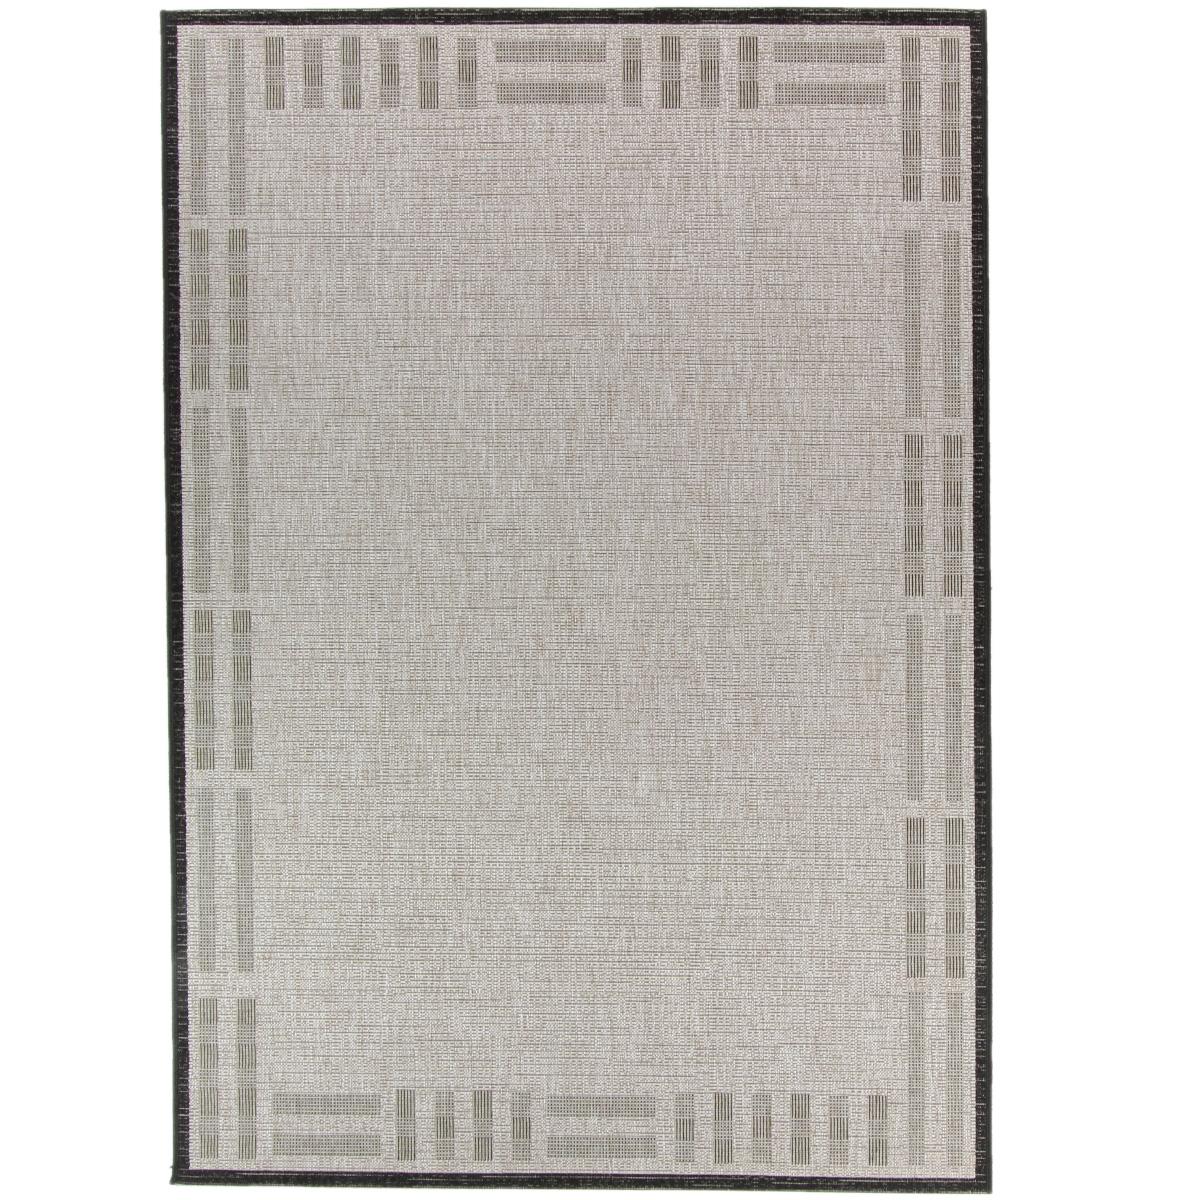 Vloerkleed Brinker Billies Silver Black | 160 x 230 cm